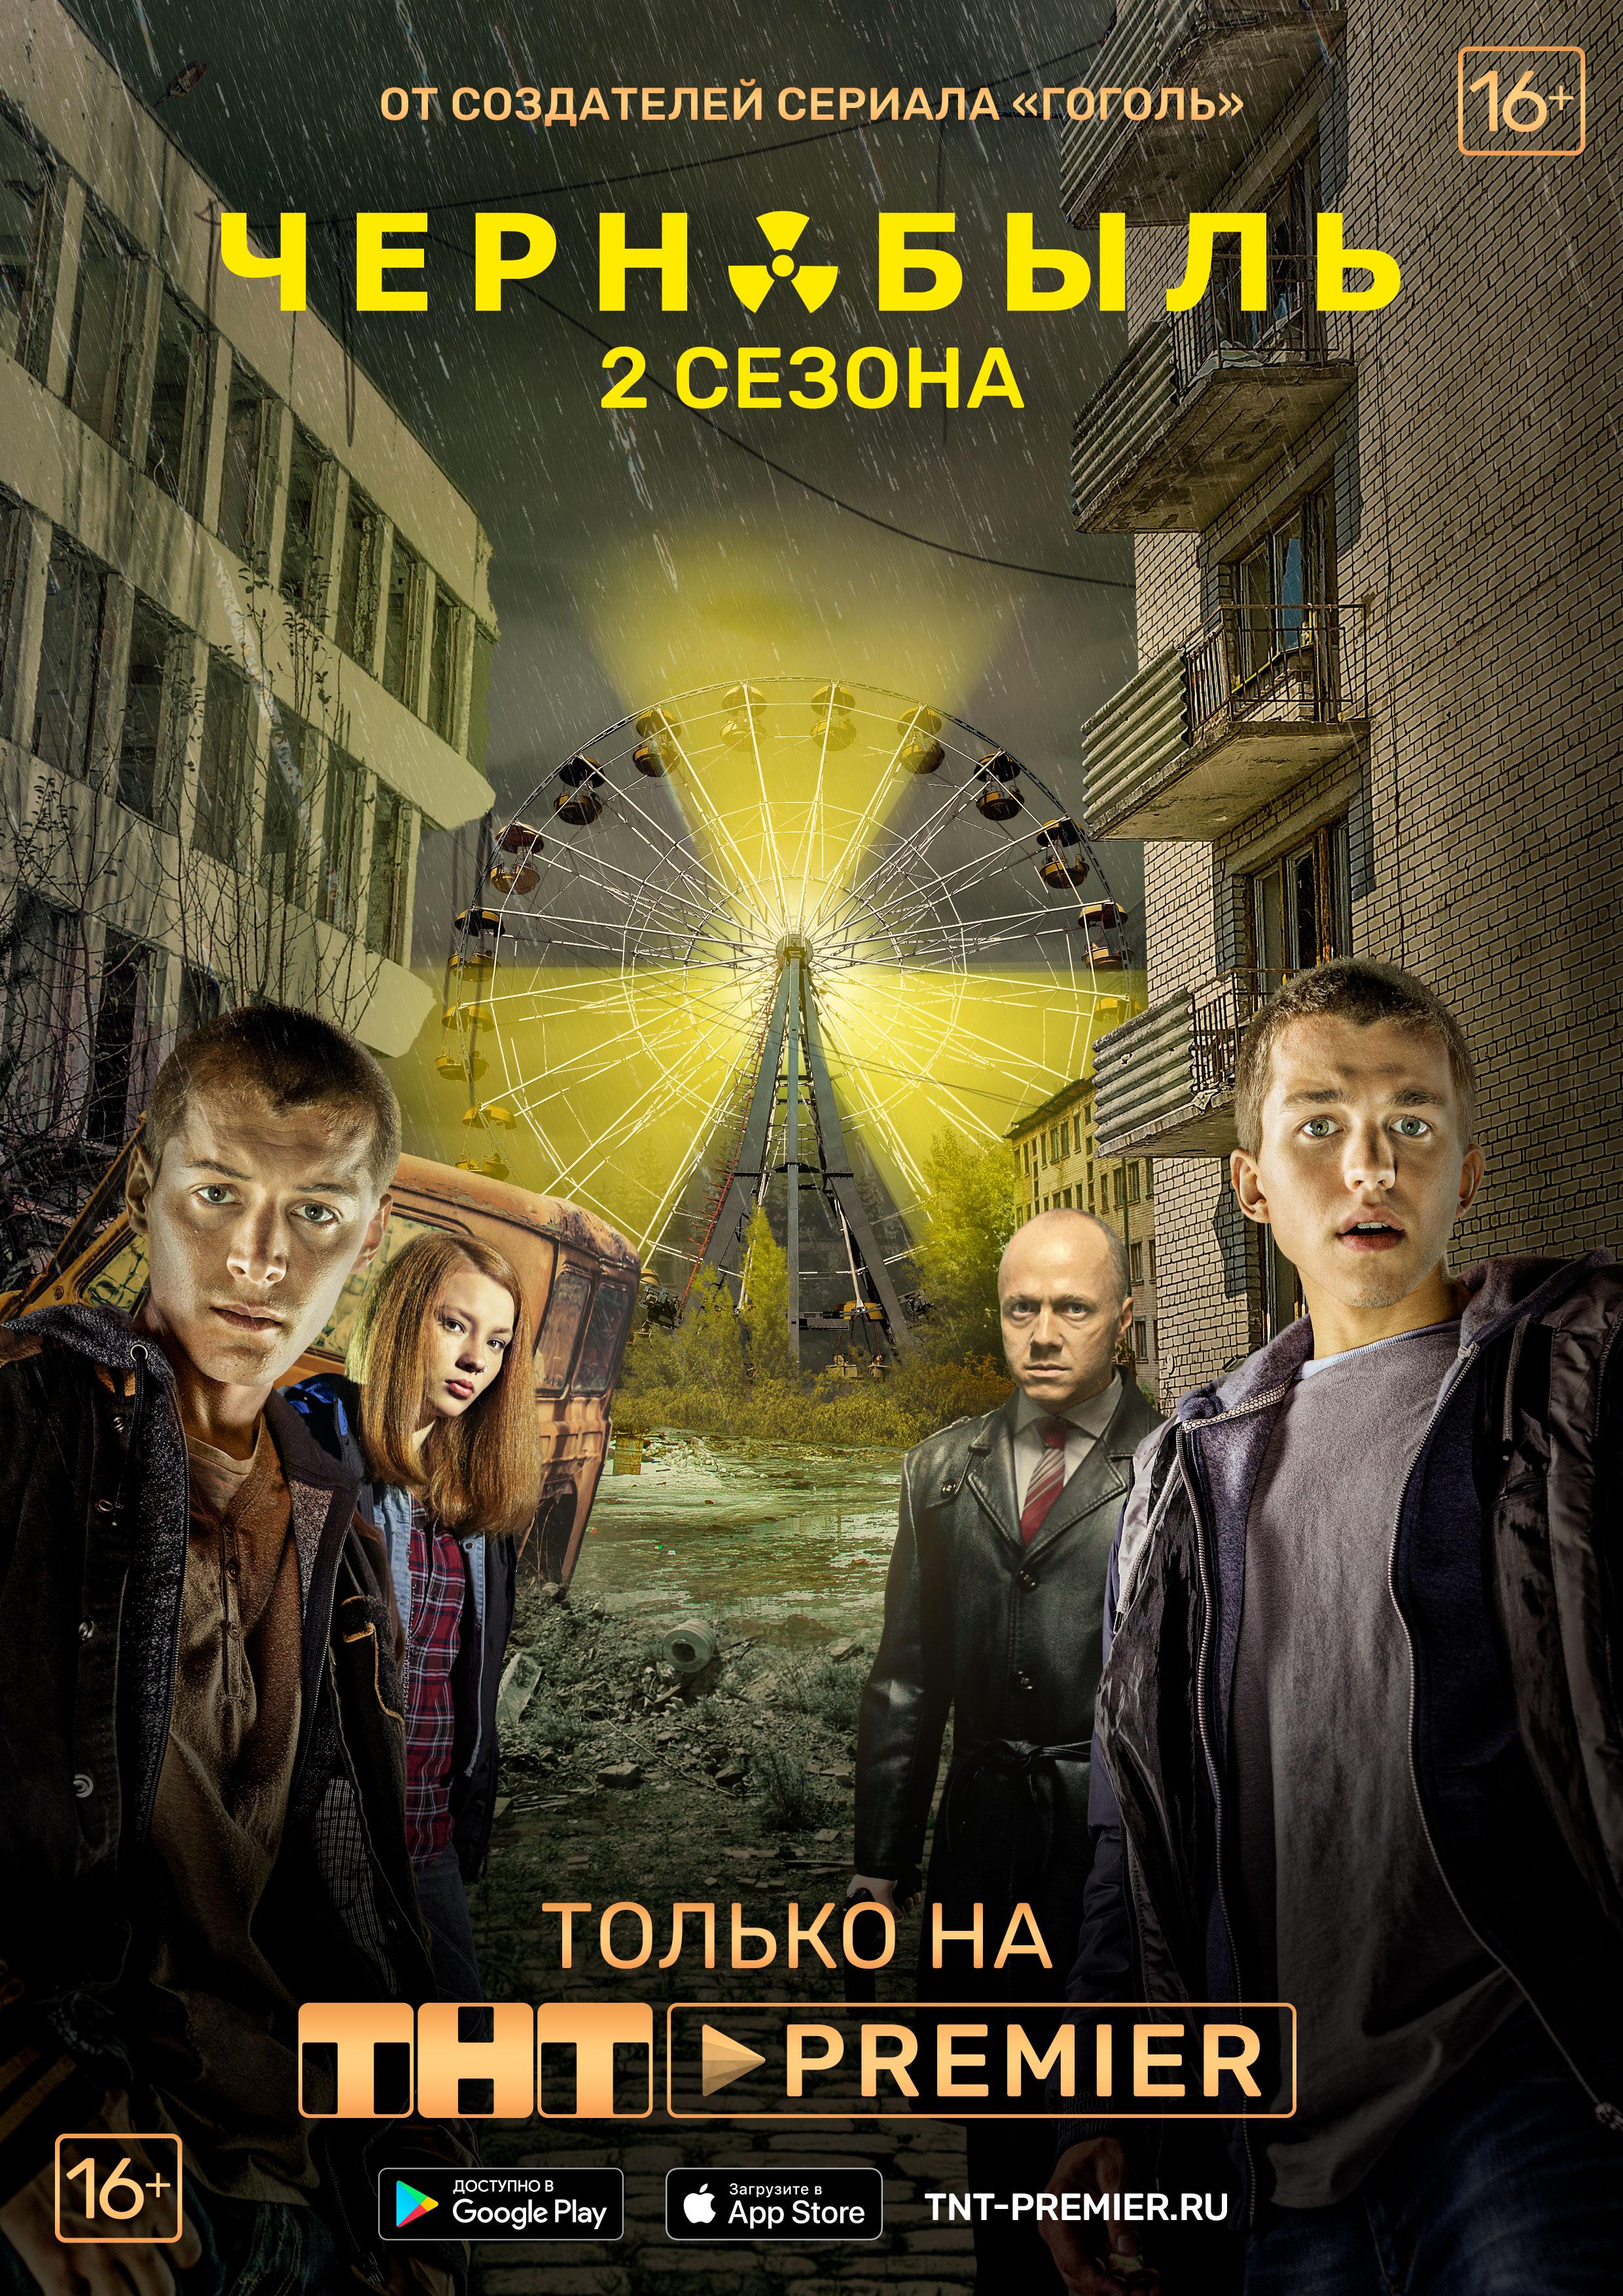 чернобыль зона отчуждения смотреть сериал онлайн